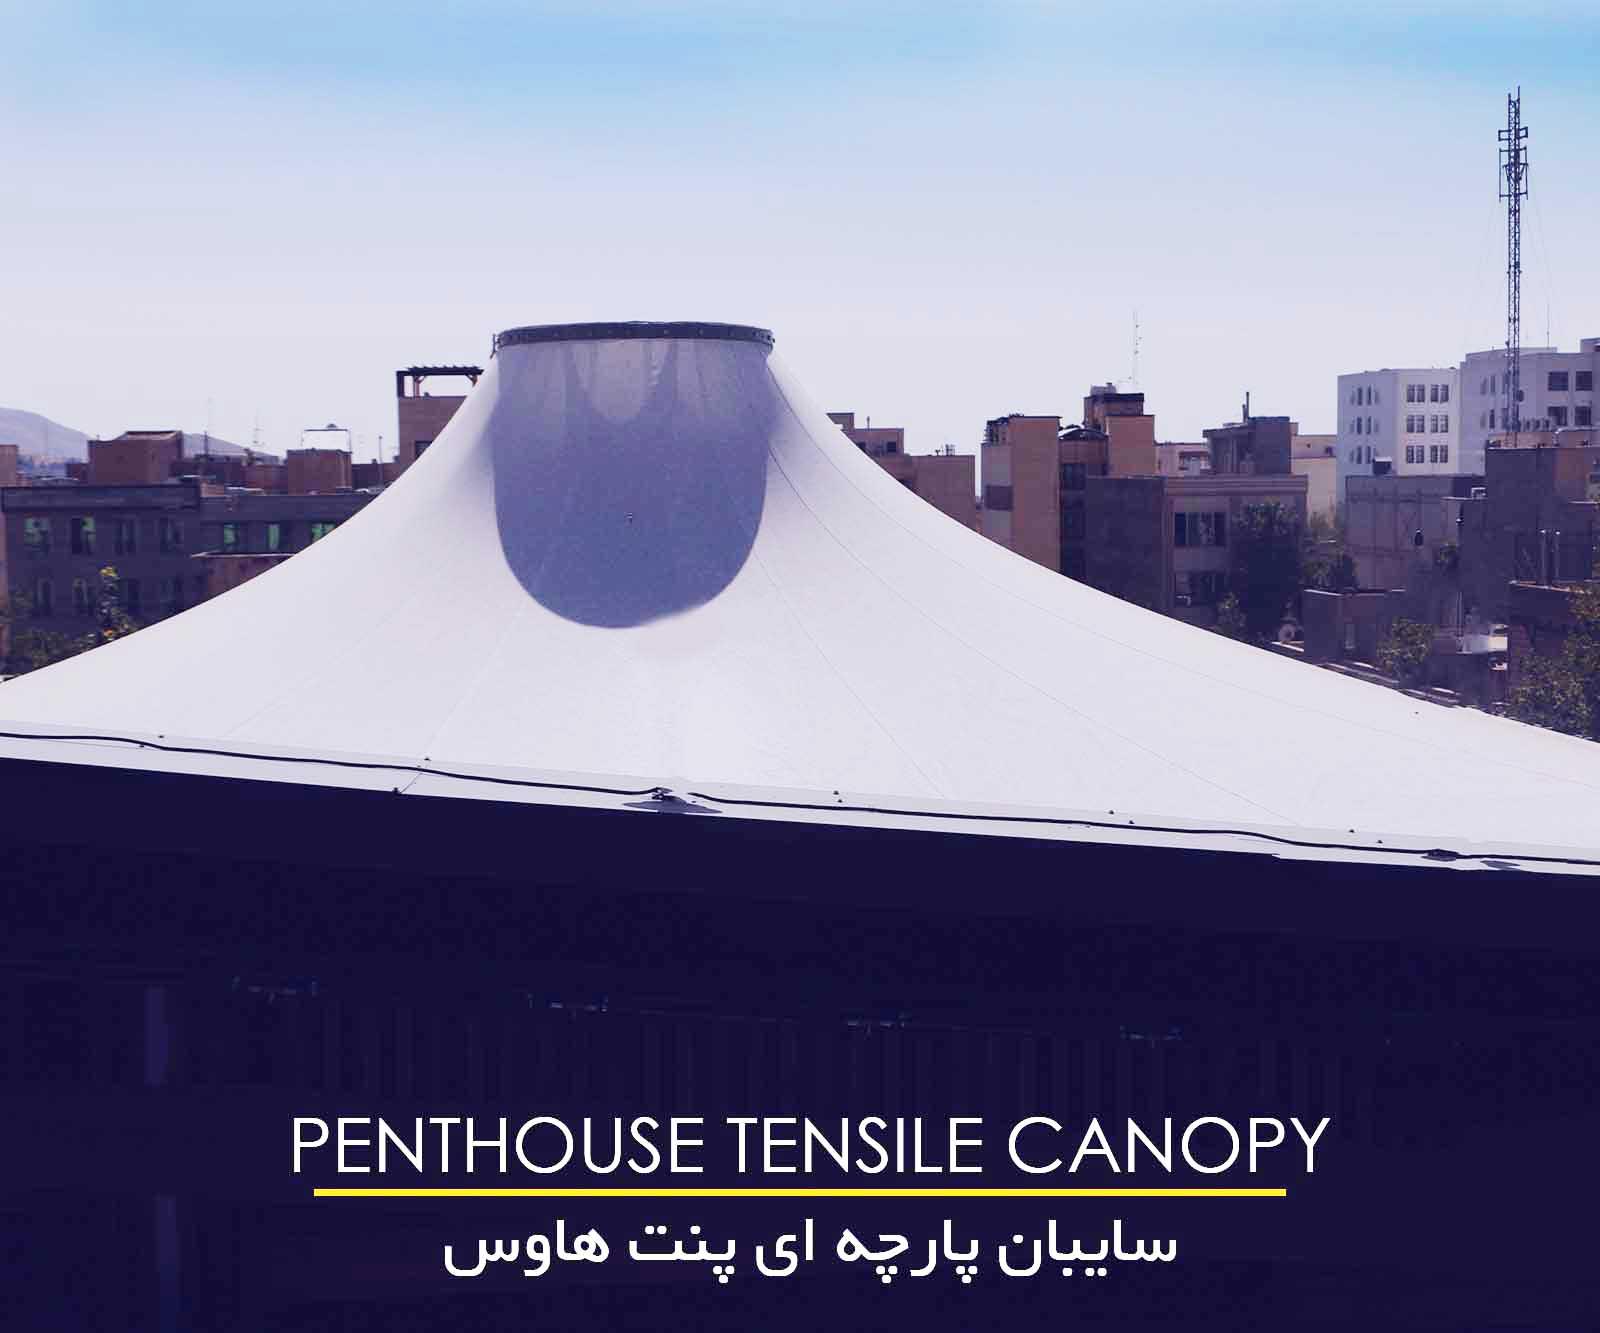 سایبان پنت هوس تهران